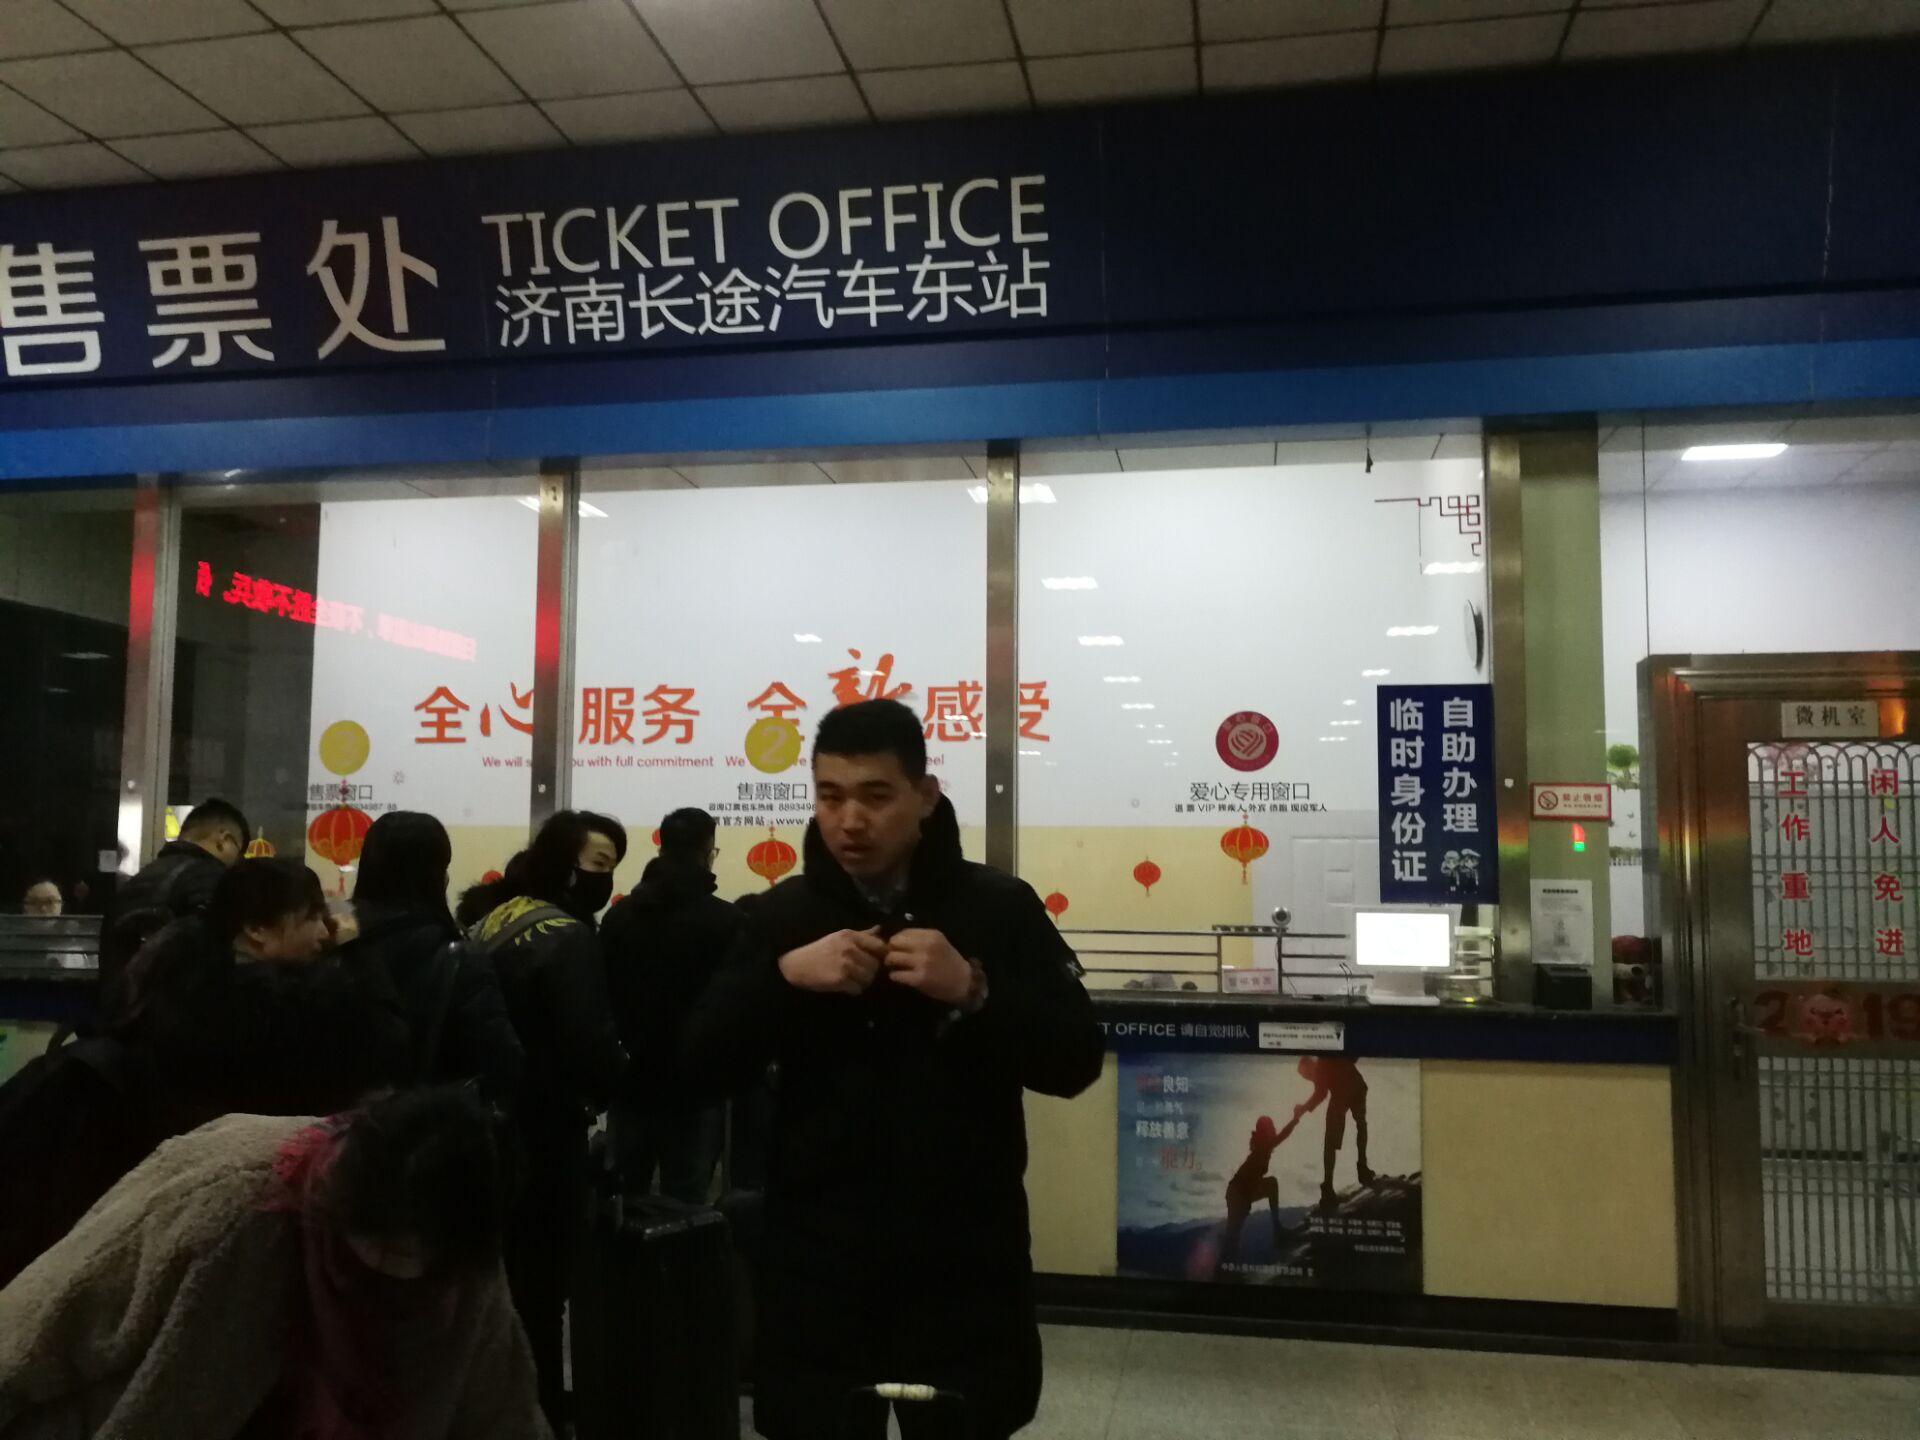 春运温暖:忘带身份证,车站可自助办理临时证